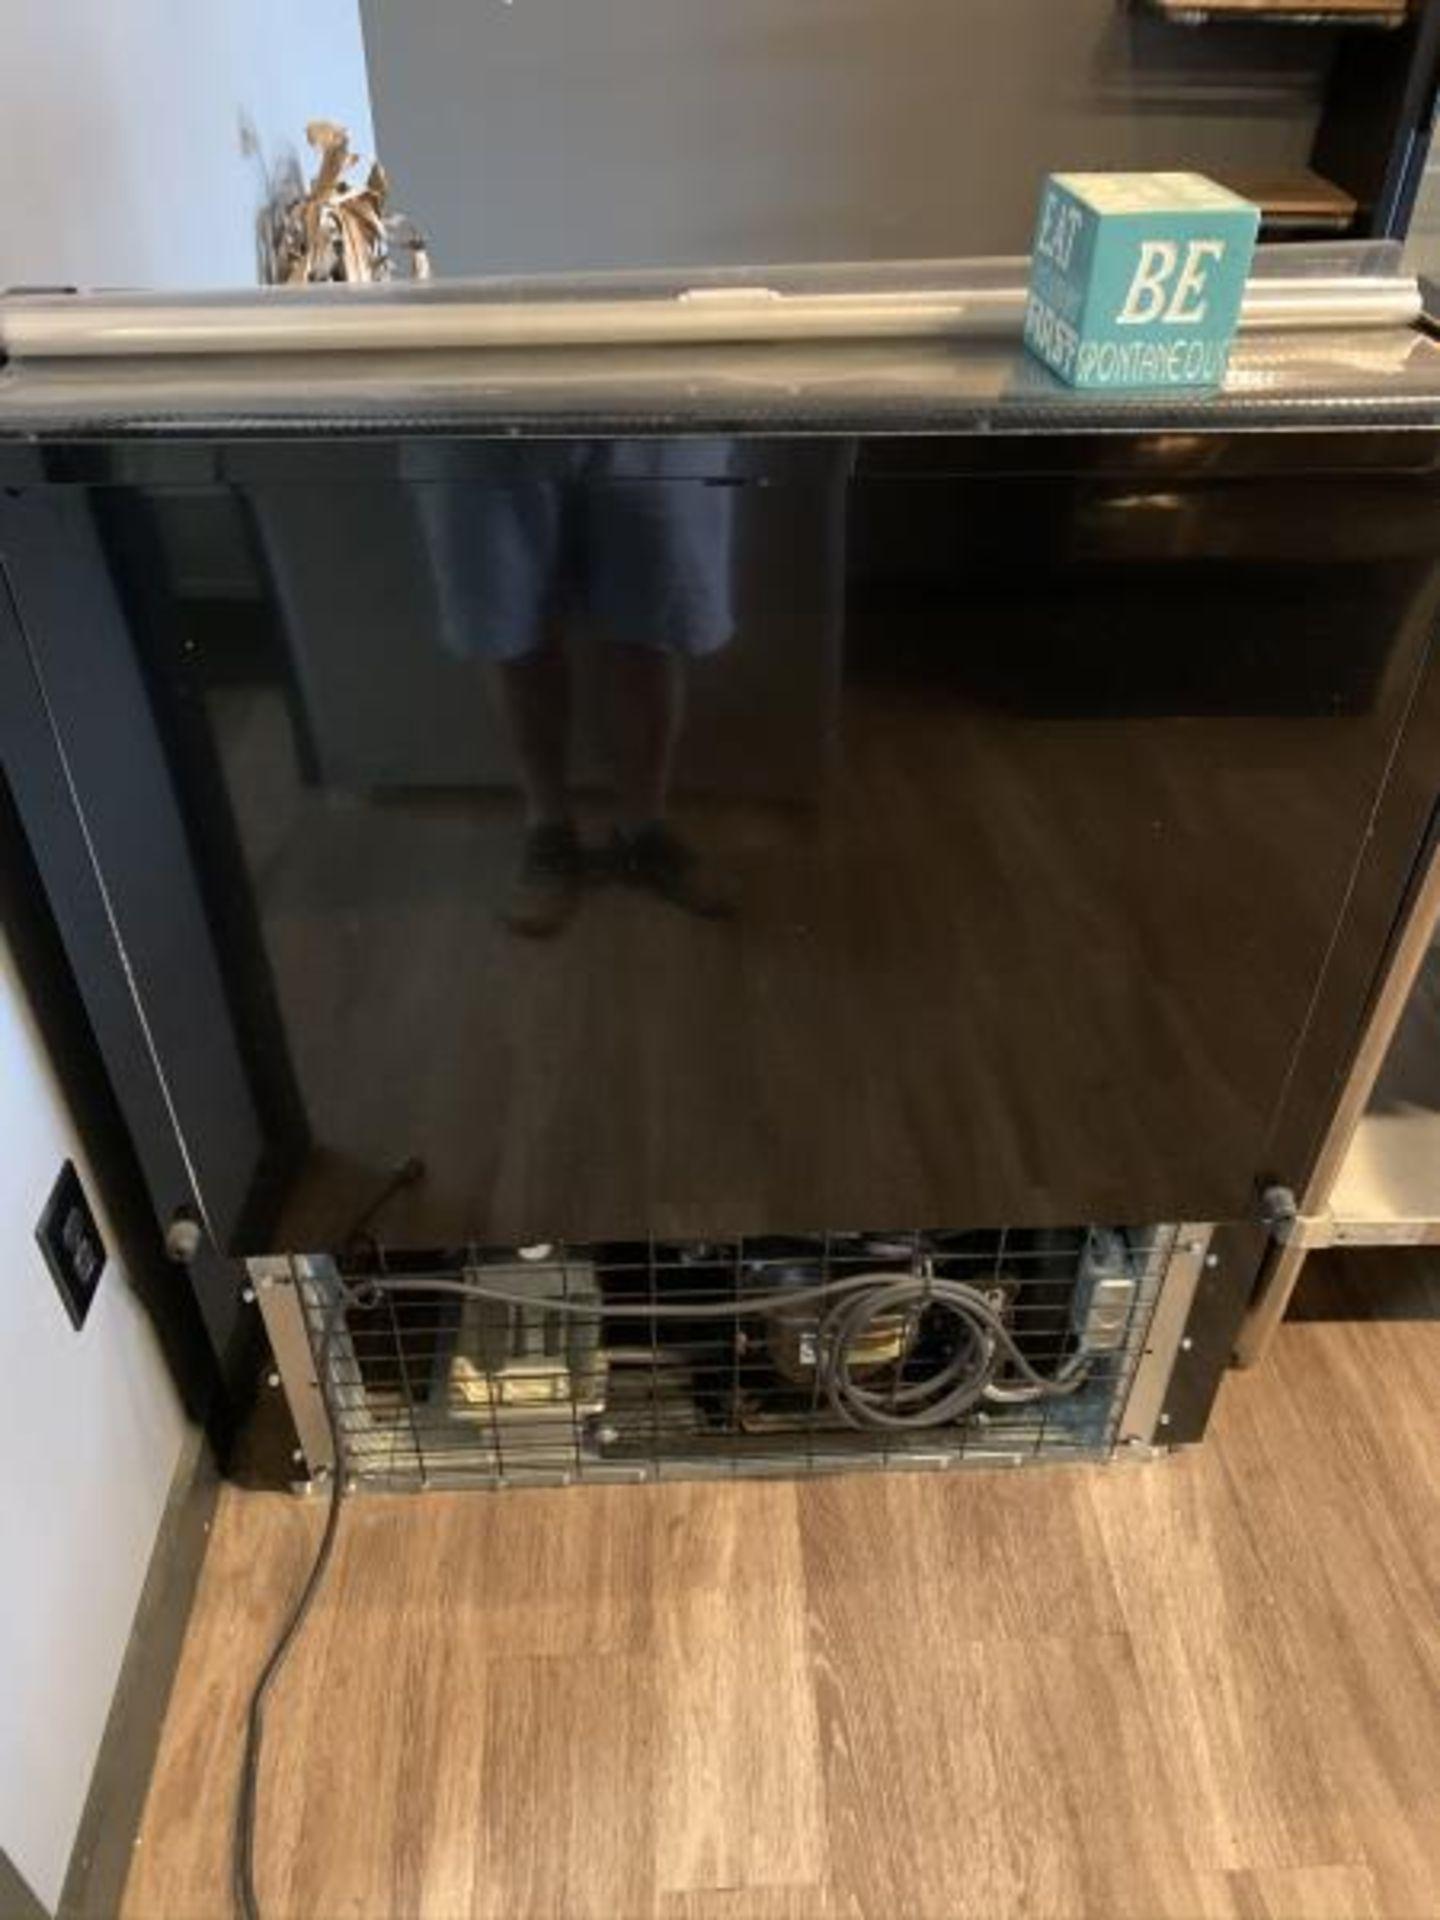 McCray Open Merchandiser, Model: SC-0S30E-B-Custom - Image 4 of 4